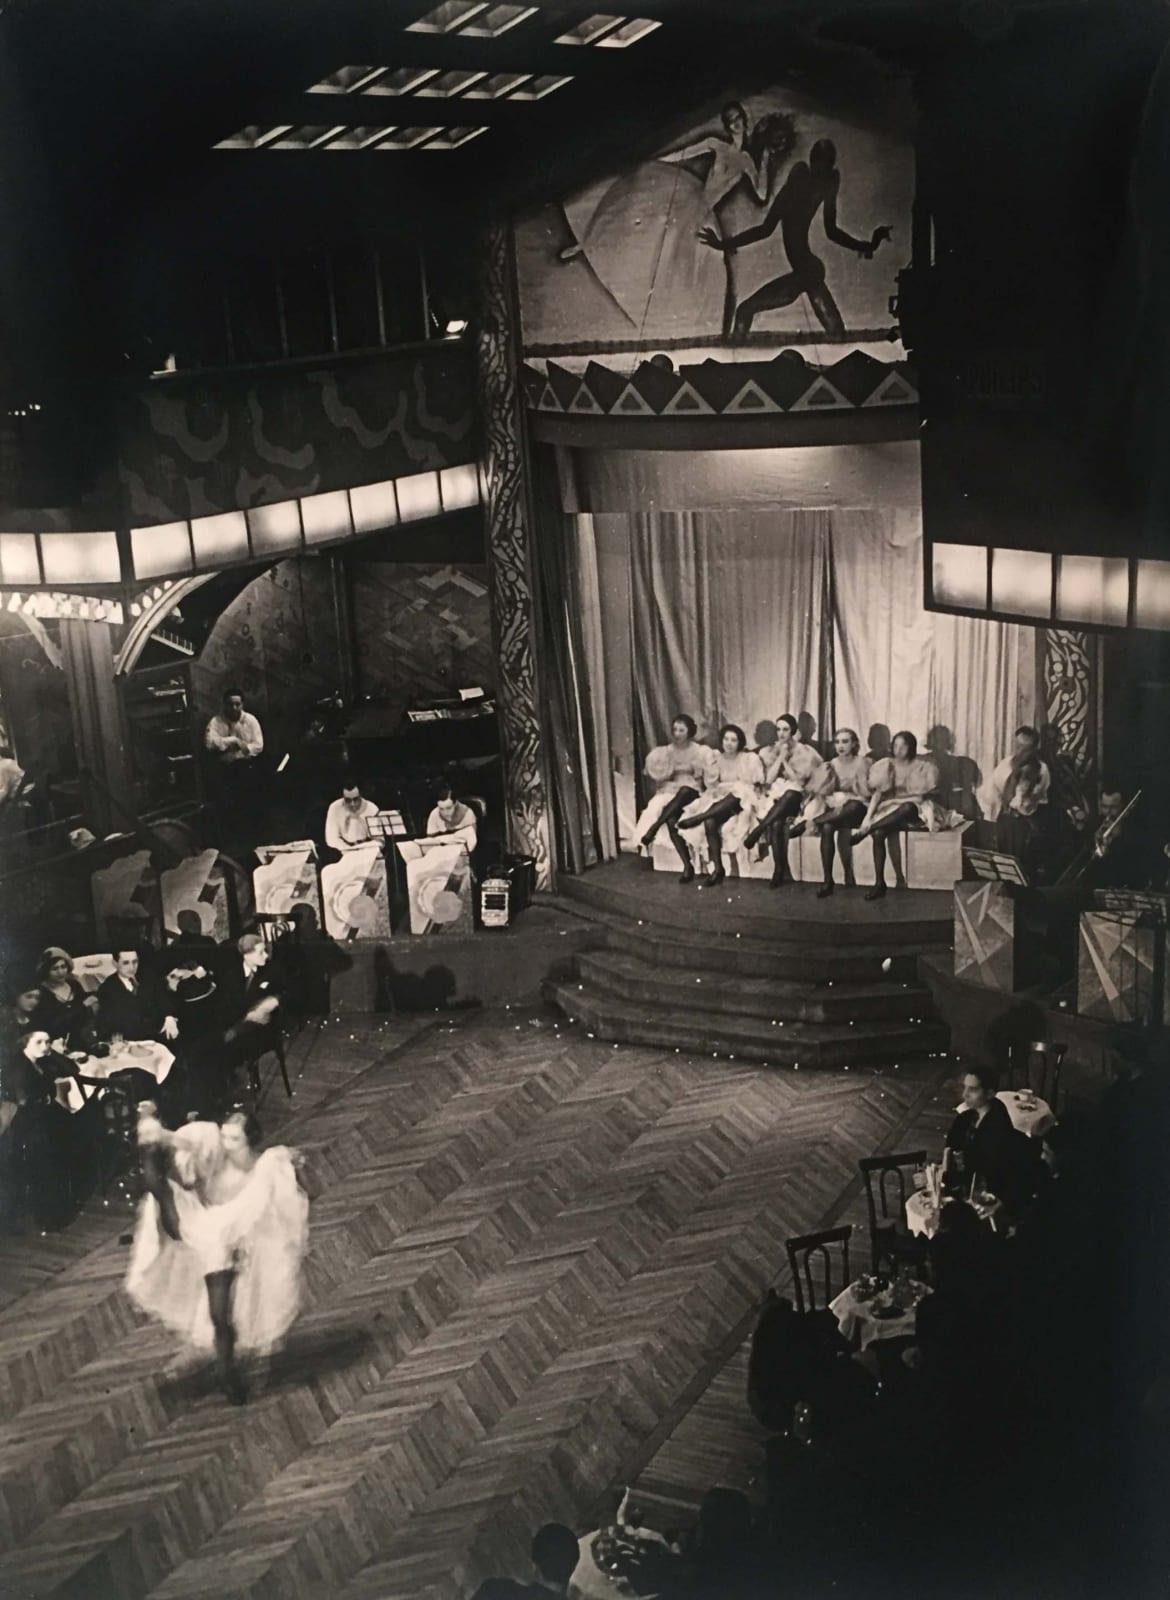 Brassaï, Can Can Dancers, c. 1932